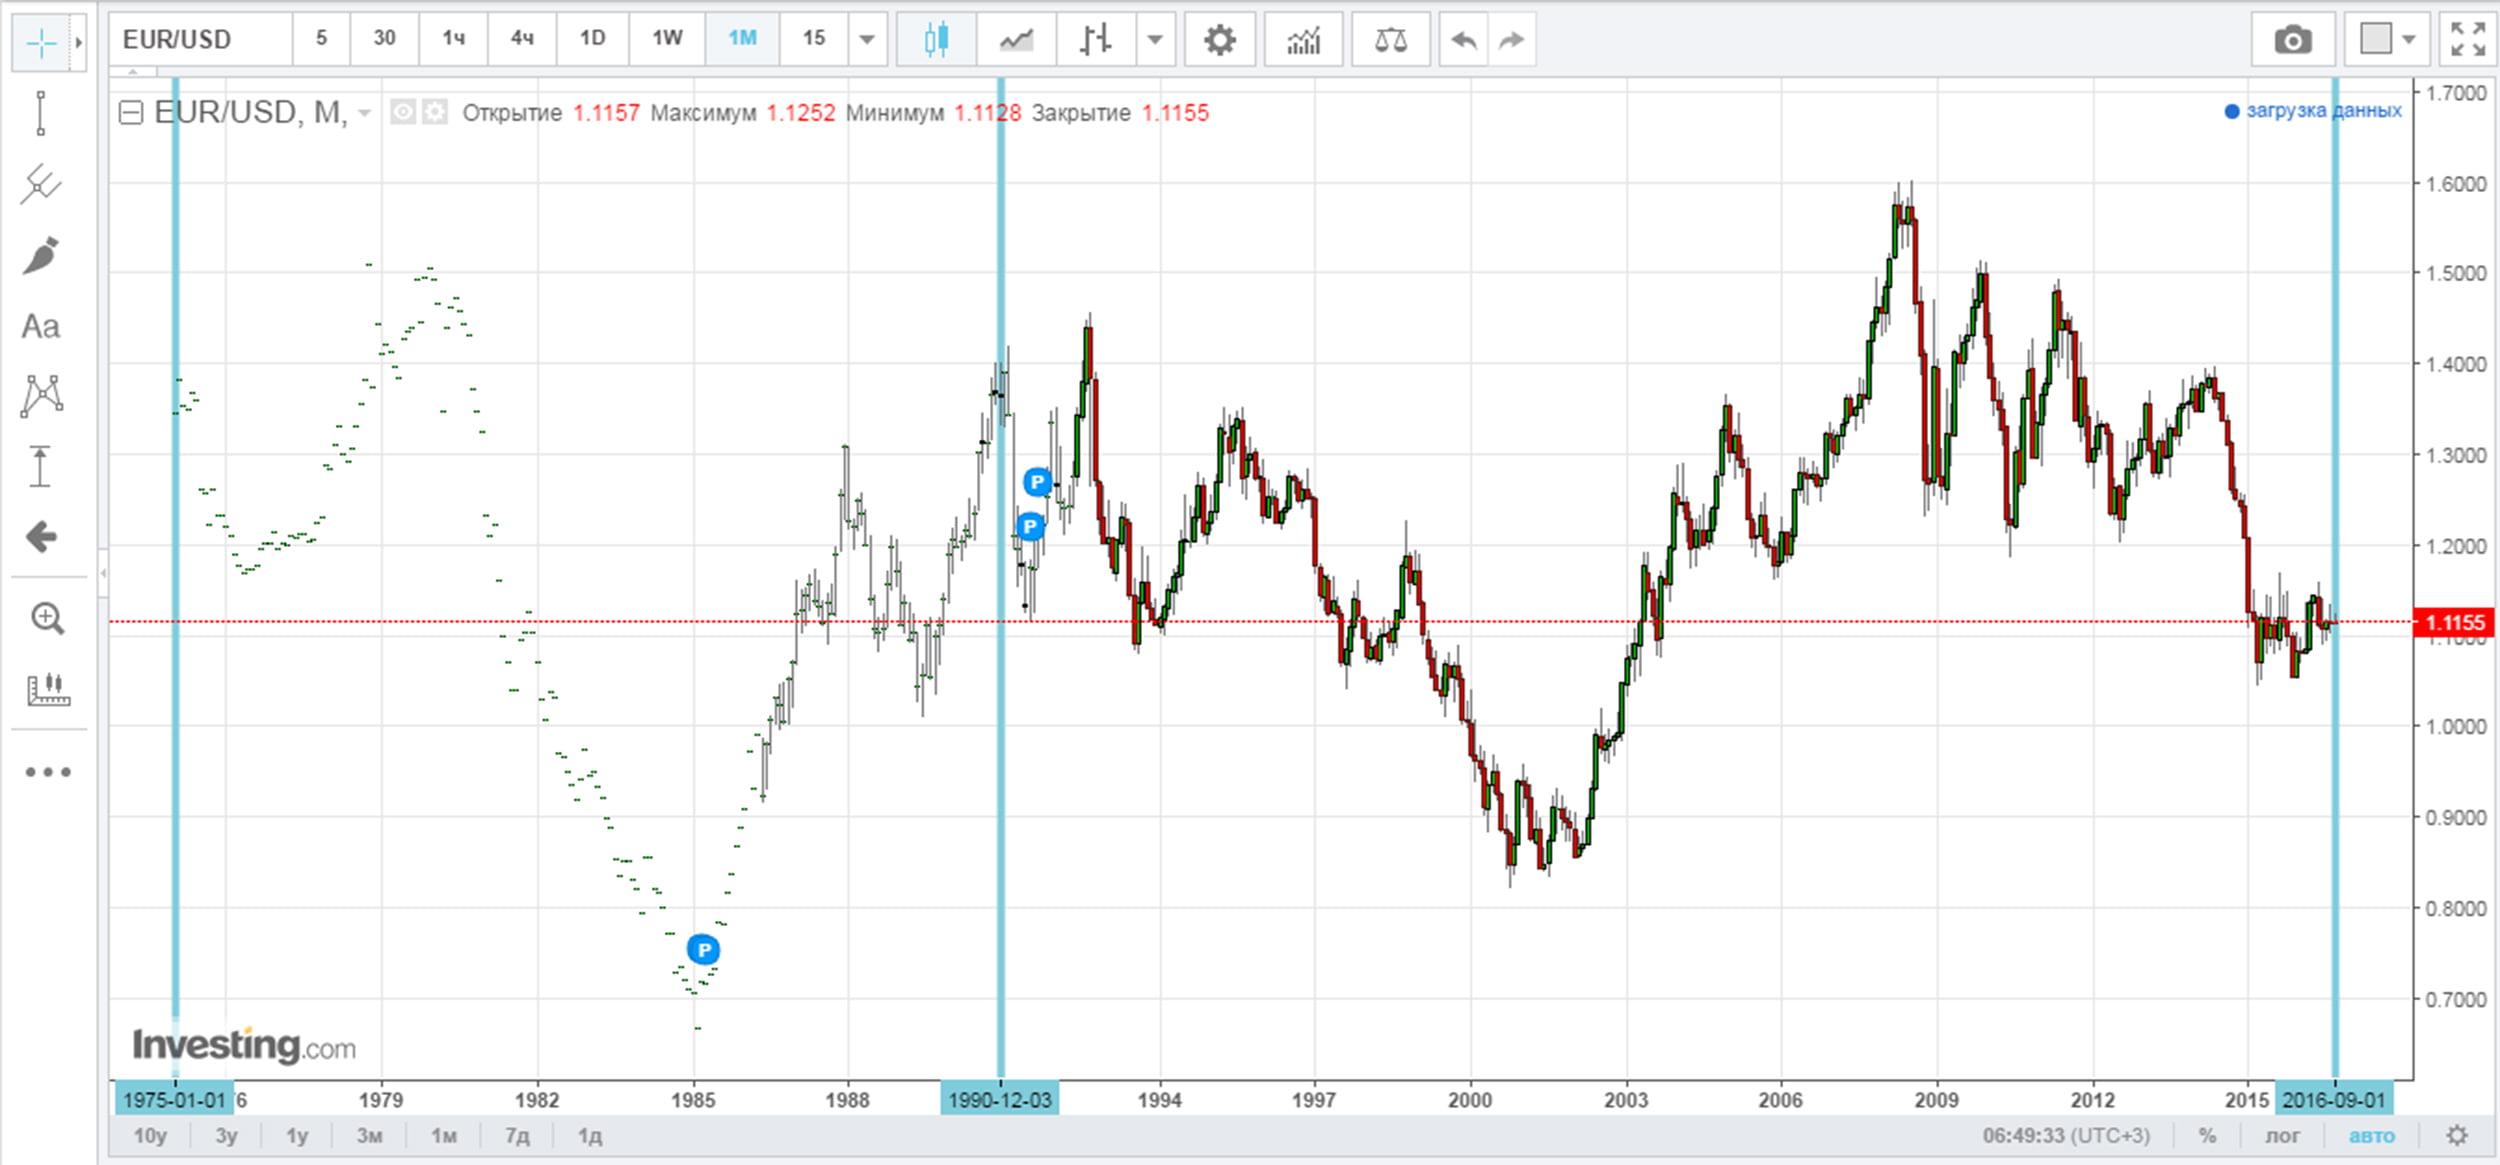 Сравнение двух периодов времени по валютной паре евро-доллар